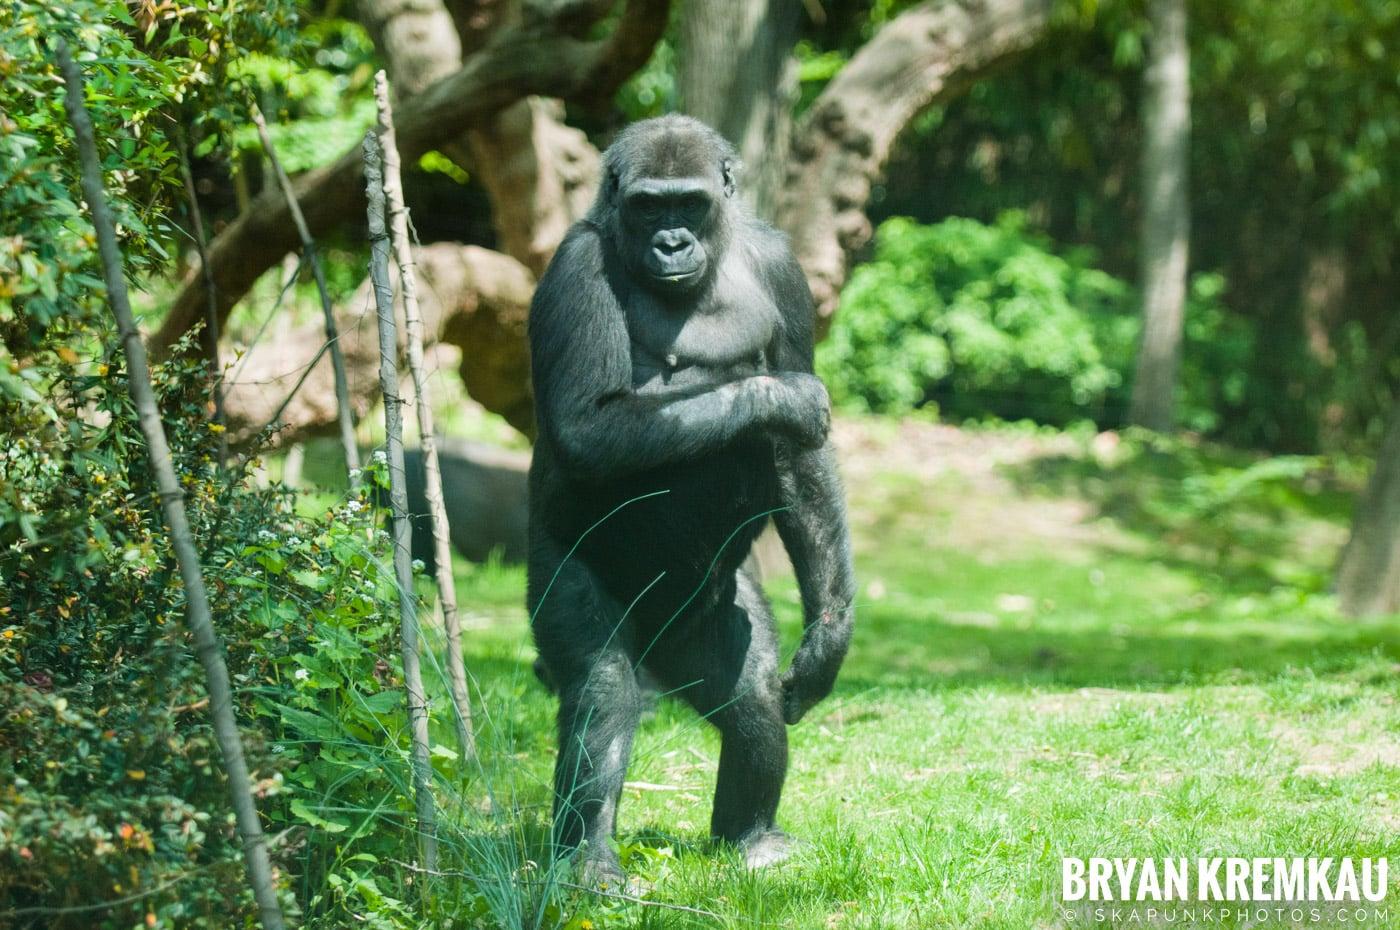 The Bronx Zoo @ Bronx, NYC - 5.7.11 (34)